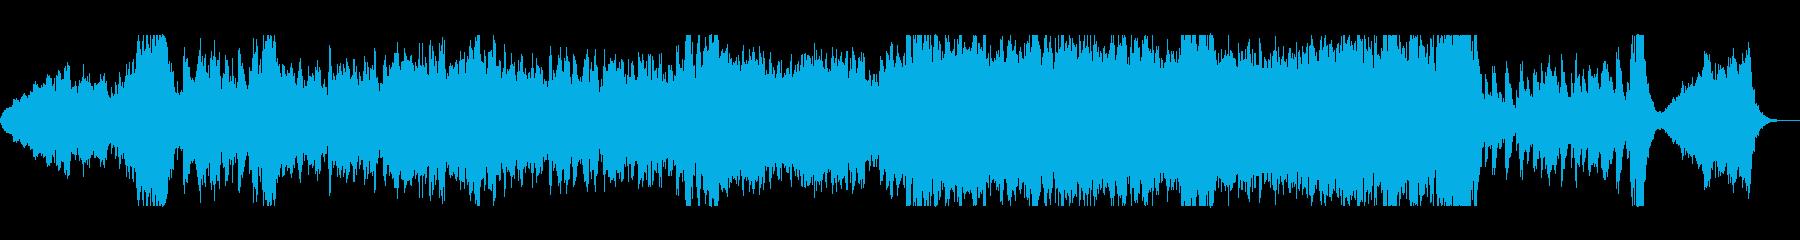 壮大オーケストラの哀愁サウンドトラックの再生済みの波形